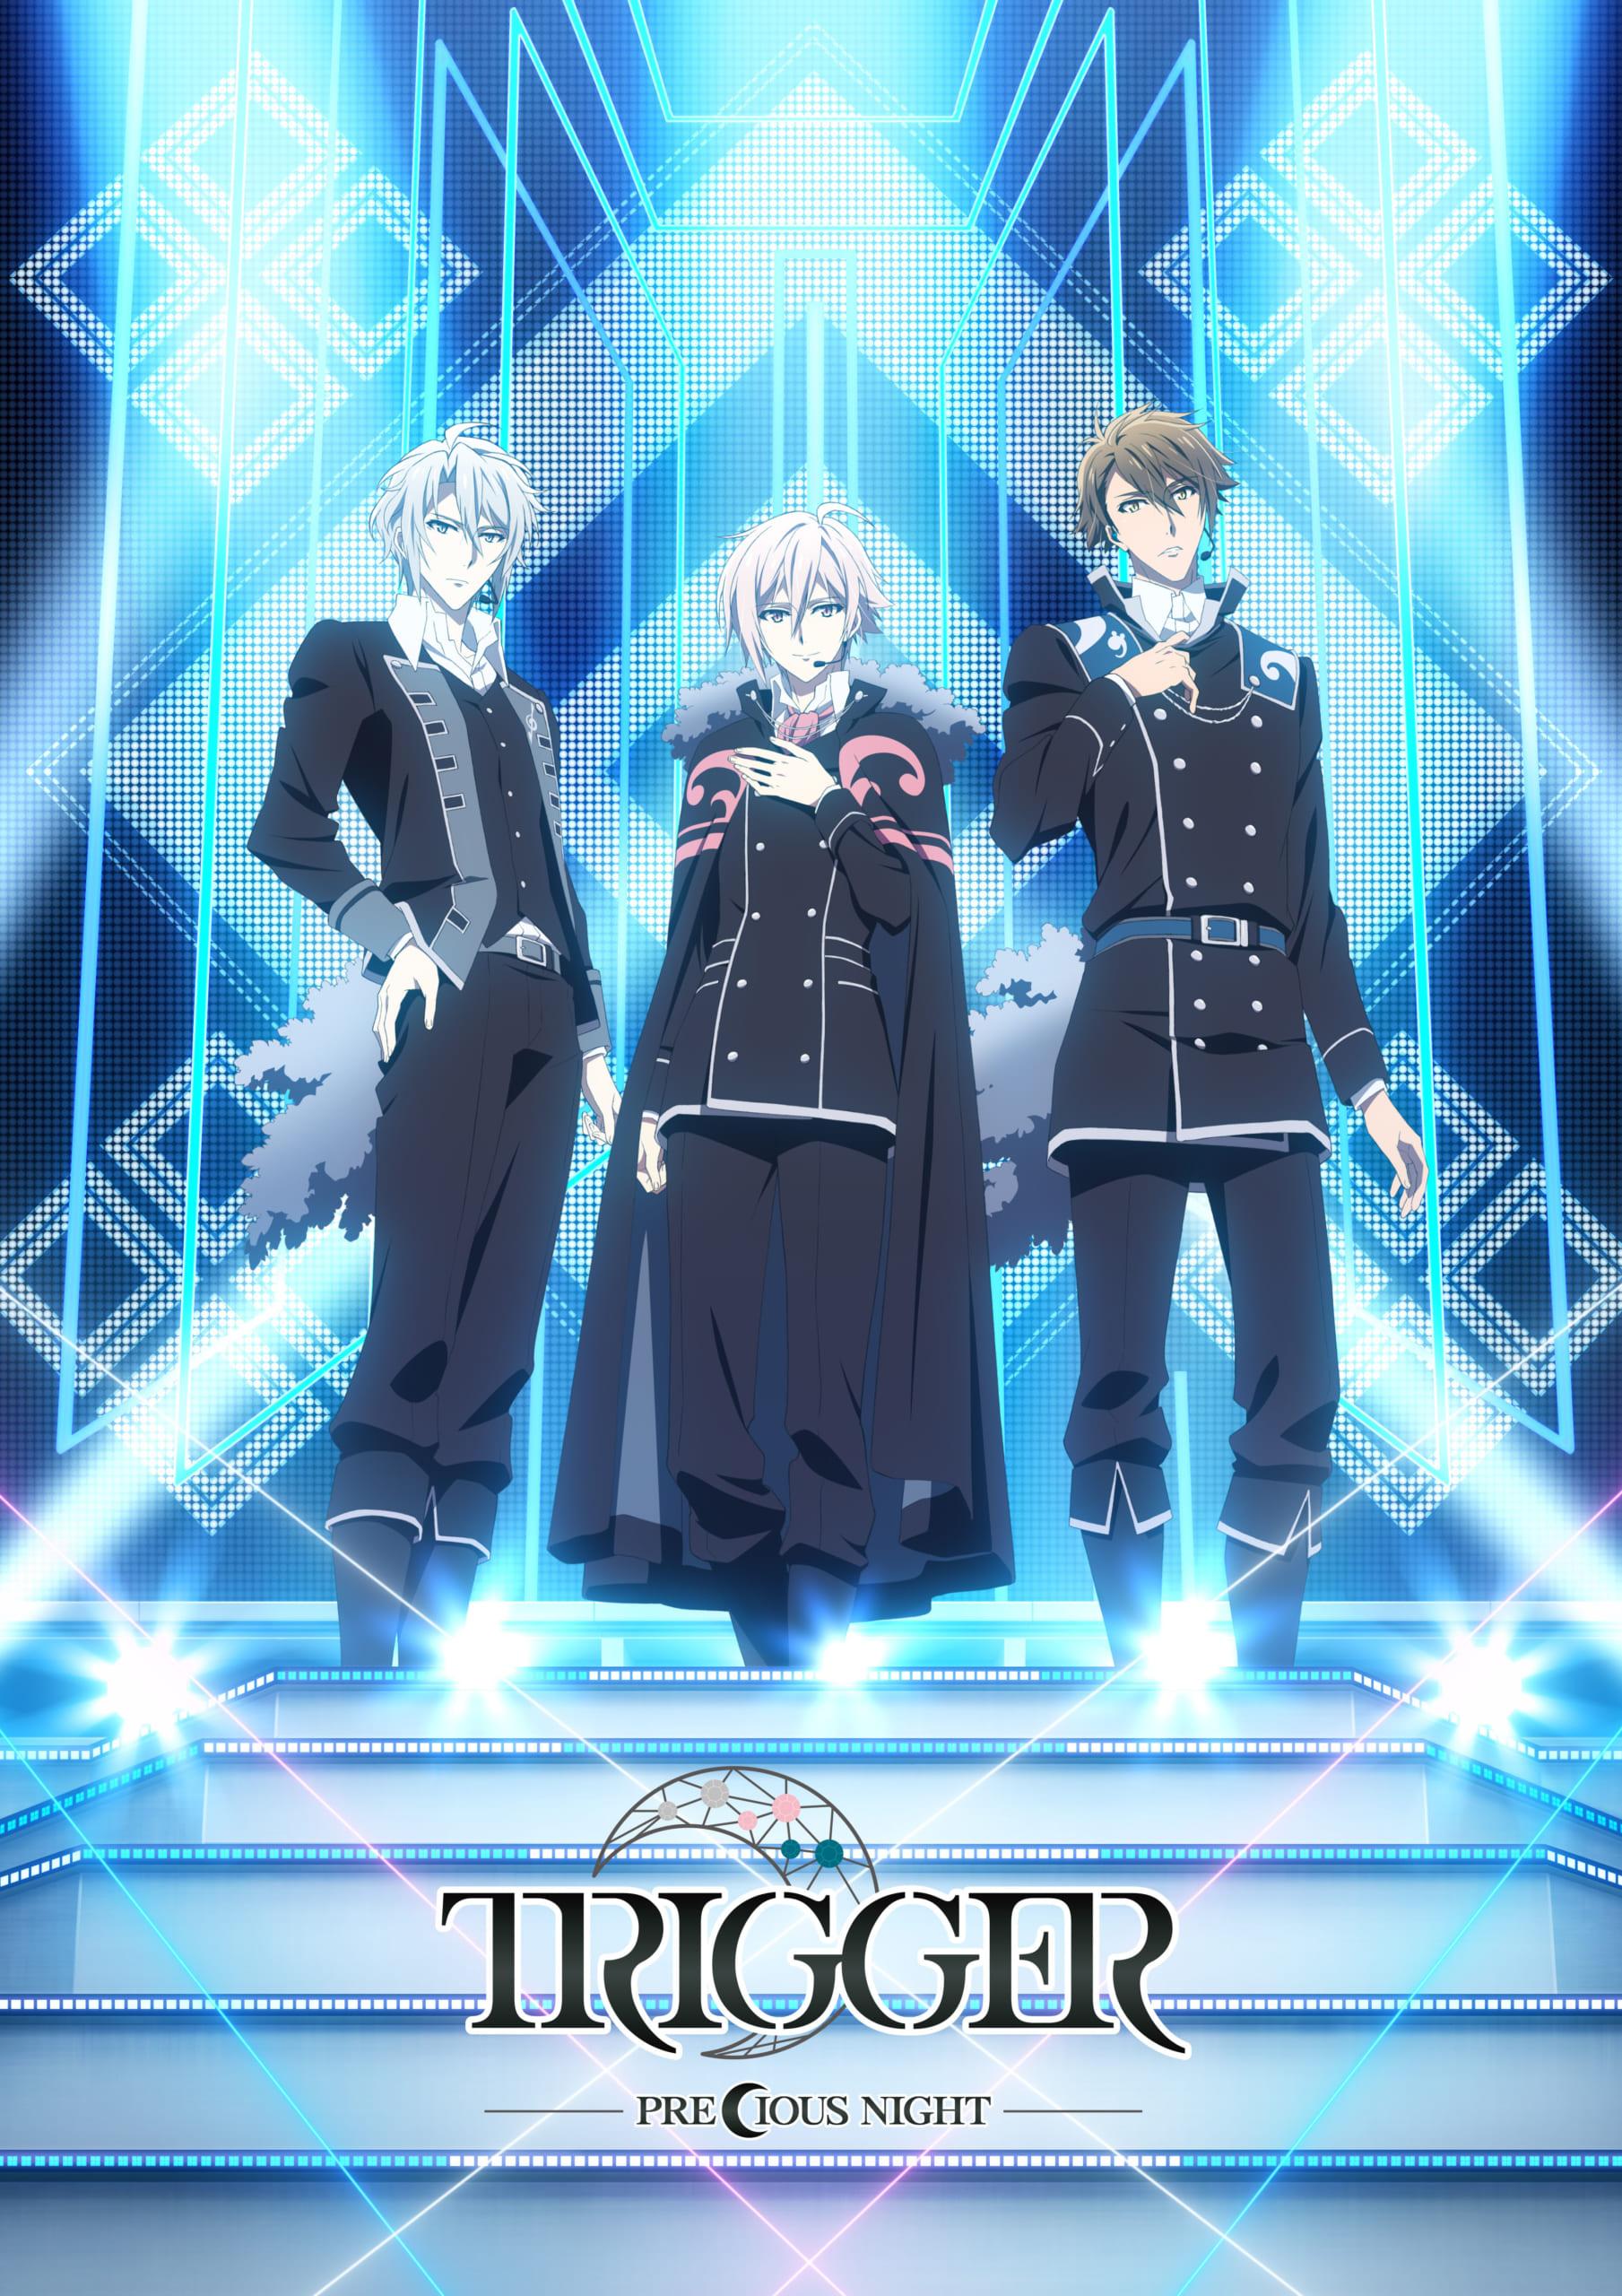 TRIGGERのパフォーマンスをCGで楽しめる!「CG STAR LIVE」グッズ詳細解禁